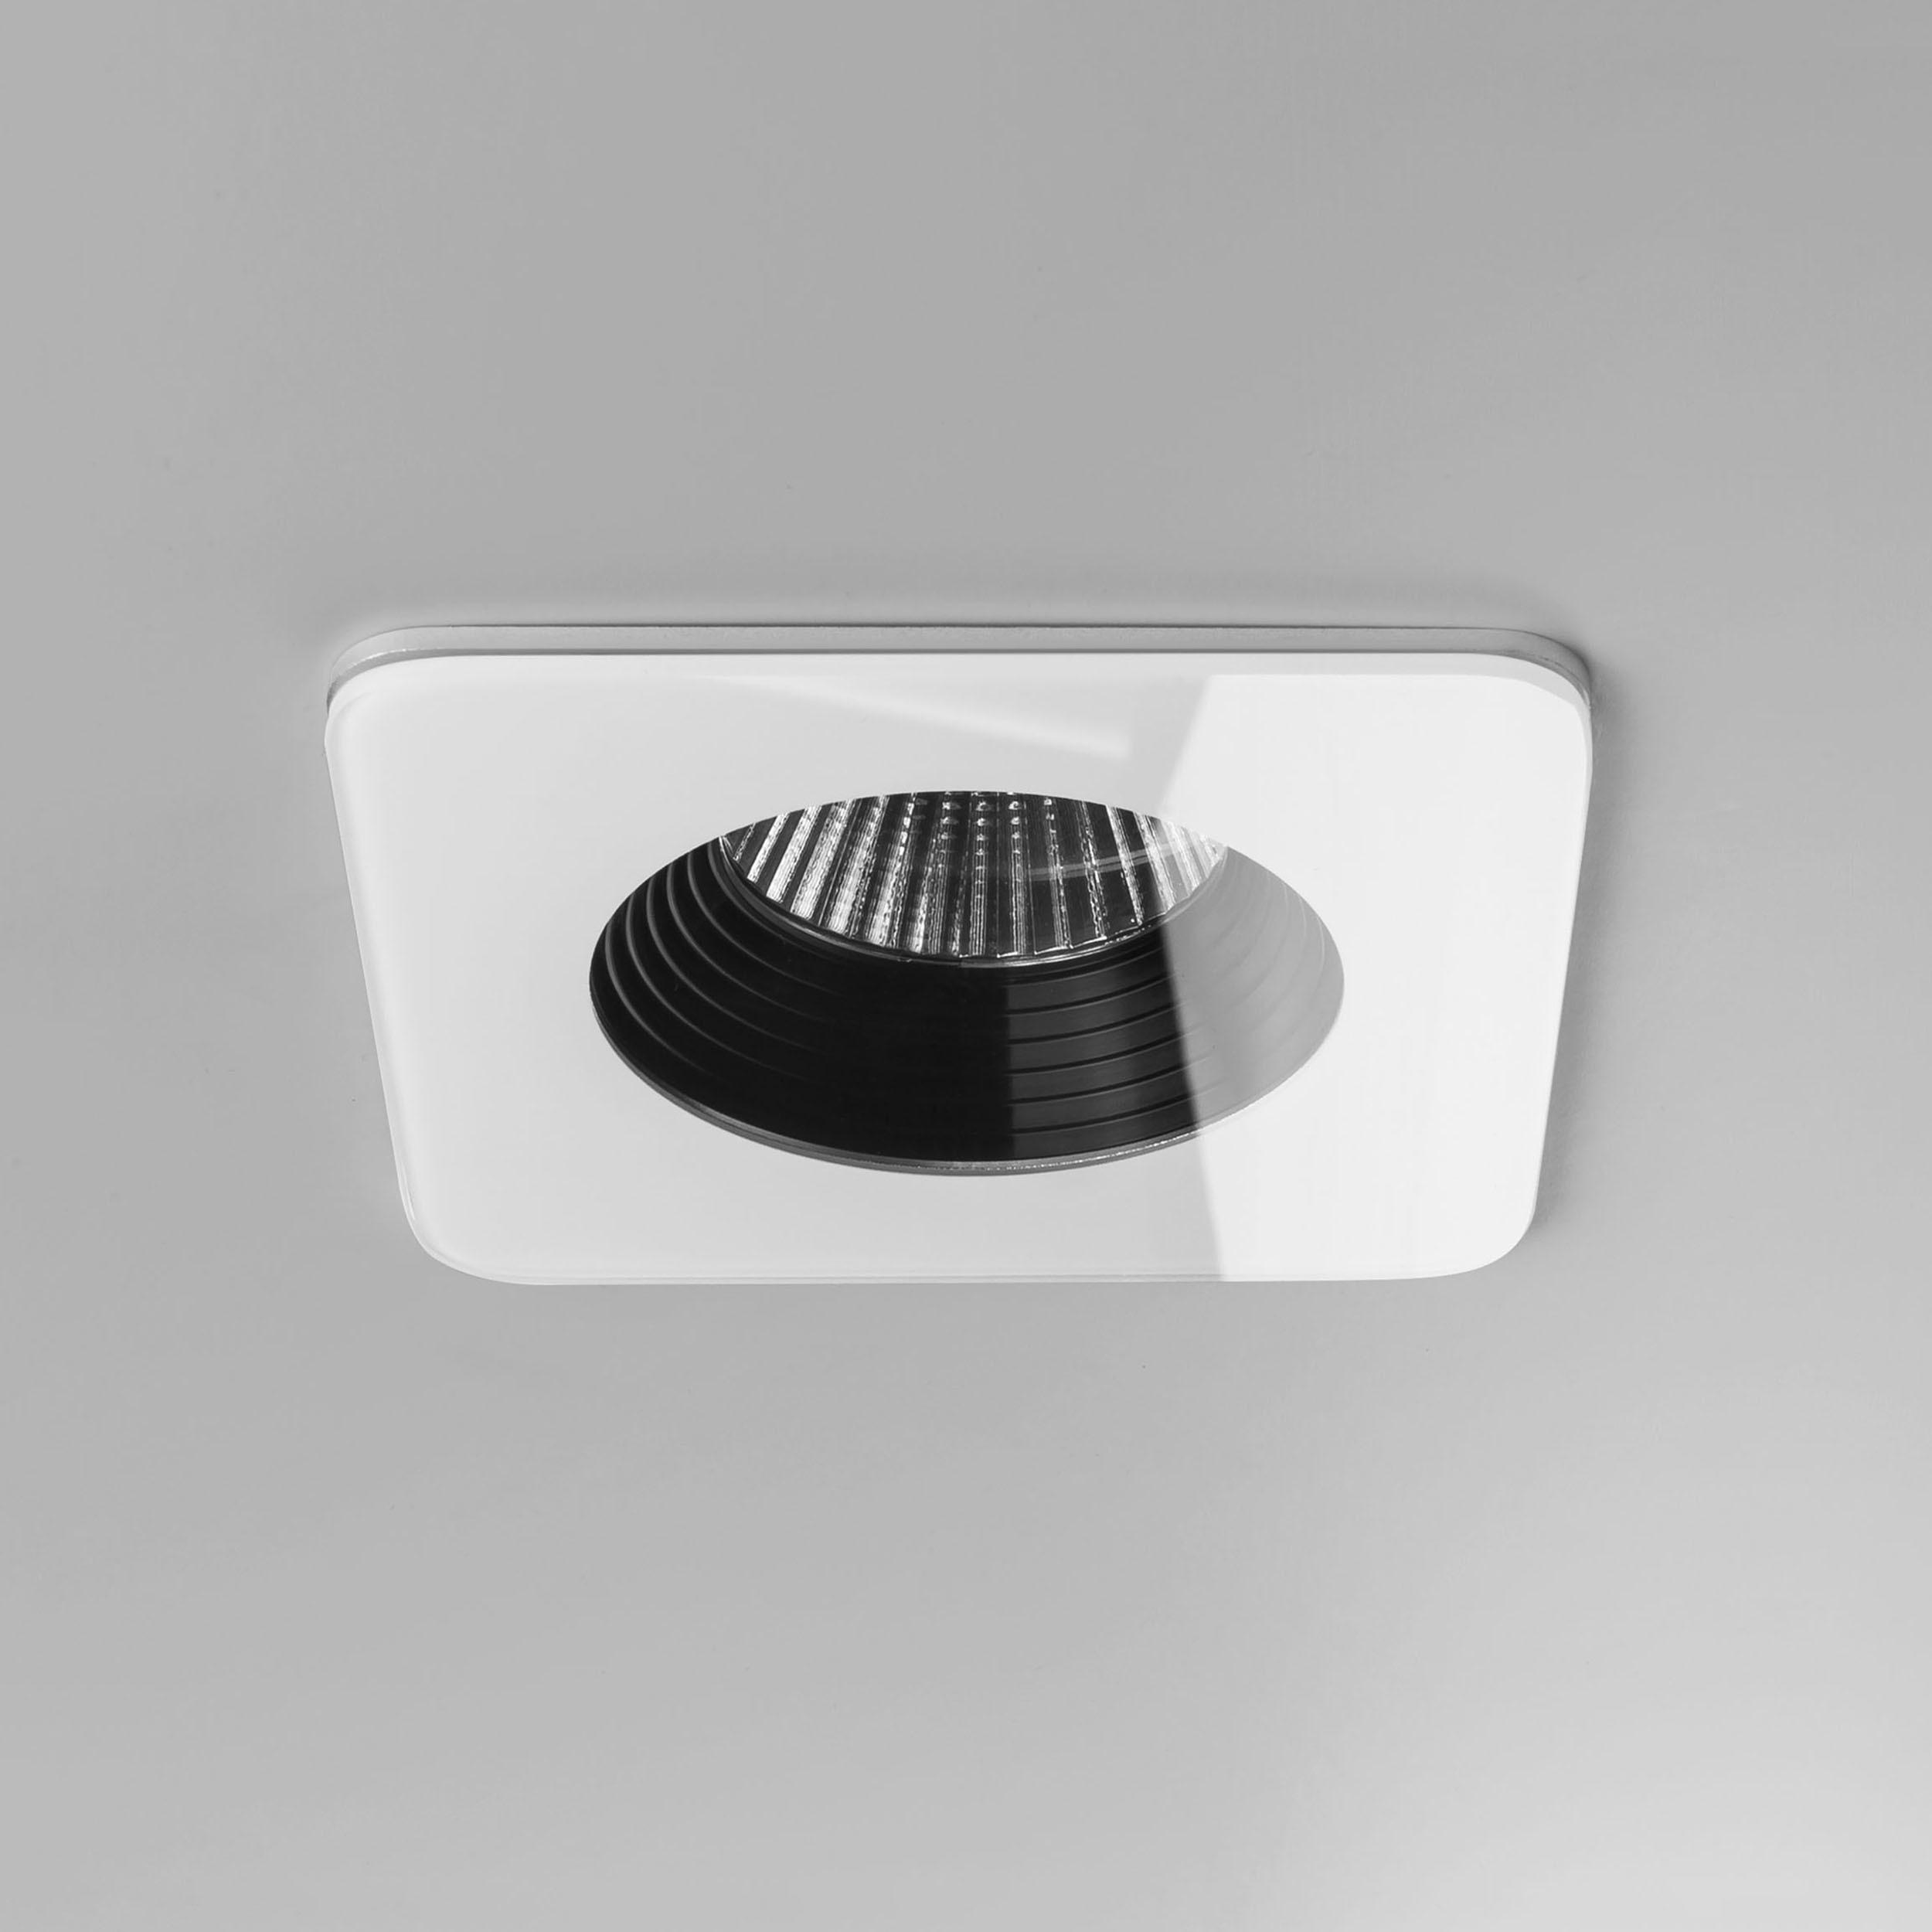 Встраиваемый светодиодный светильник Astro Vetro 1254007 (5731), IP65, LED 6W 2700K 594lm CRI80, белый, черно-белый, стекло - фото 2